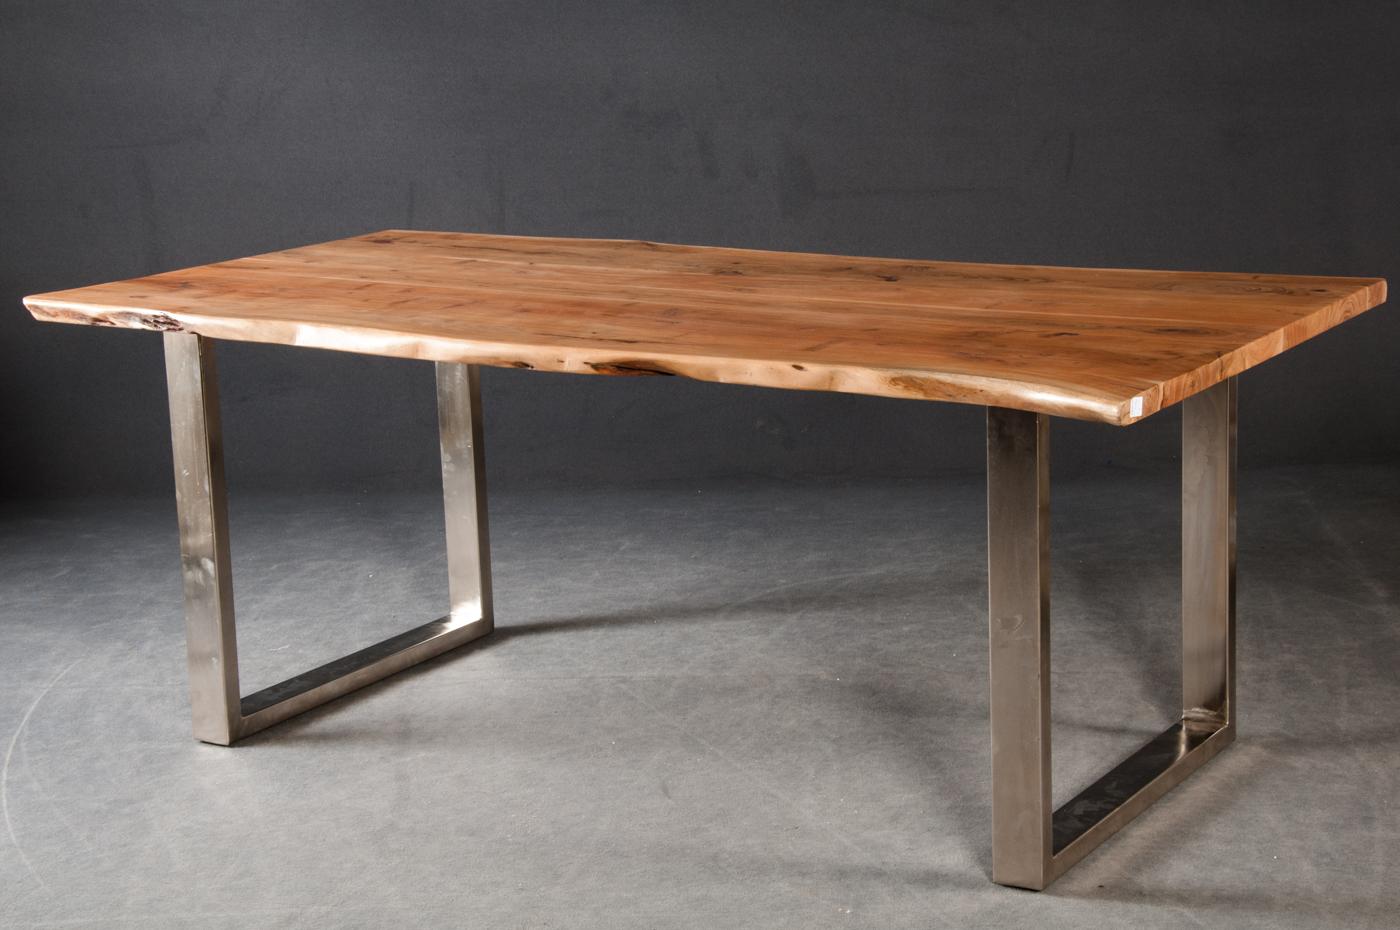 Auktionstipset Massiver Baumstamm Esstisch Tisch Modell Mammut